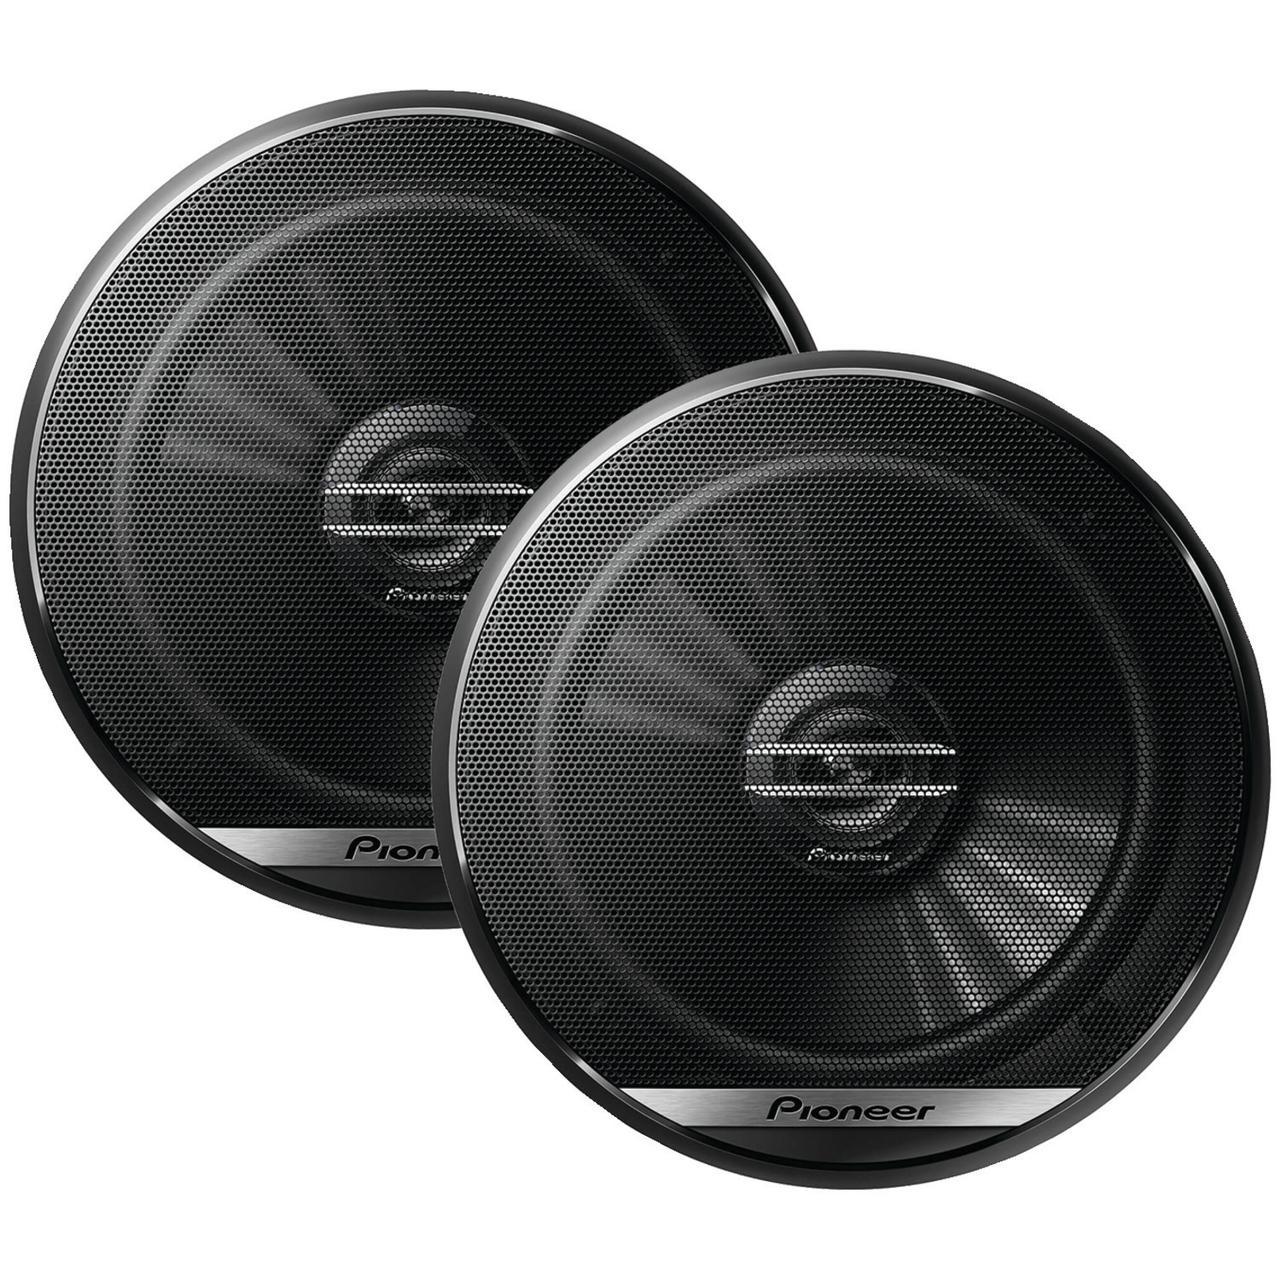 Pioneer G-Series Coaxial Speakers